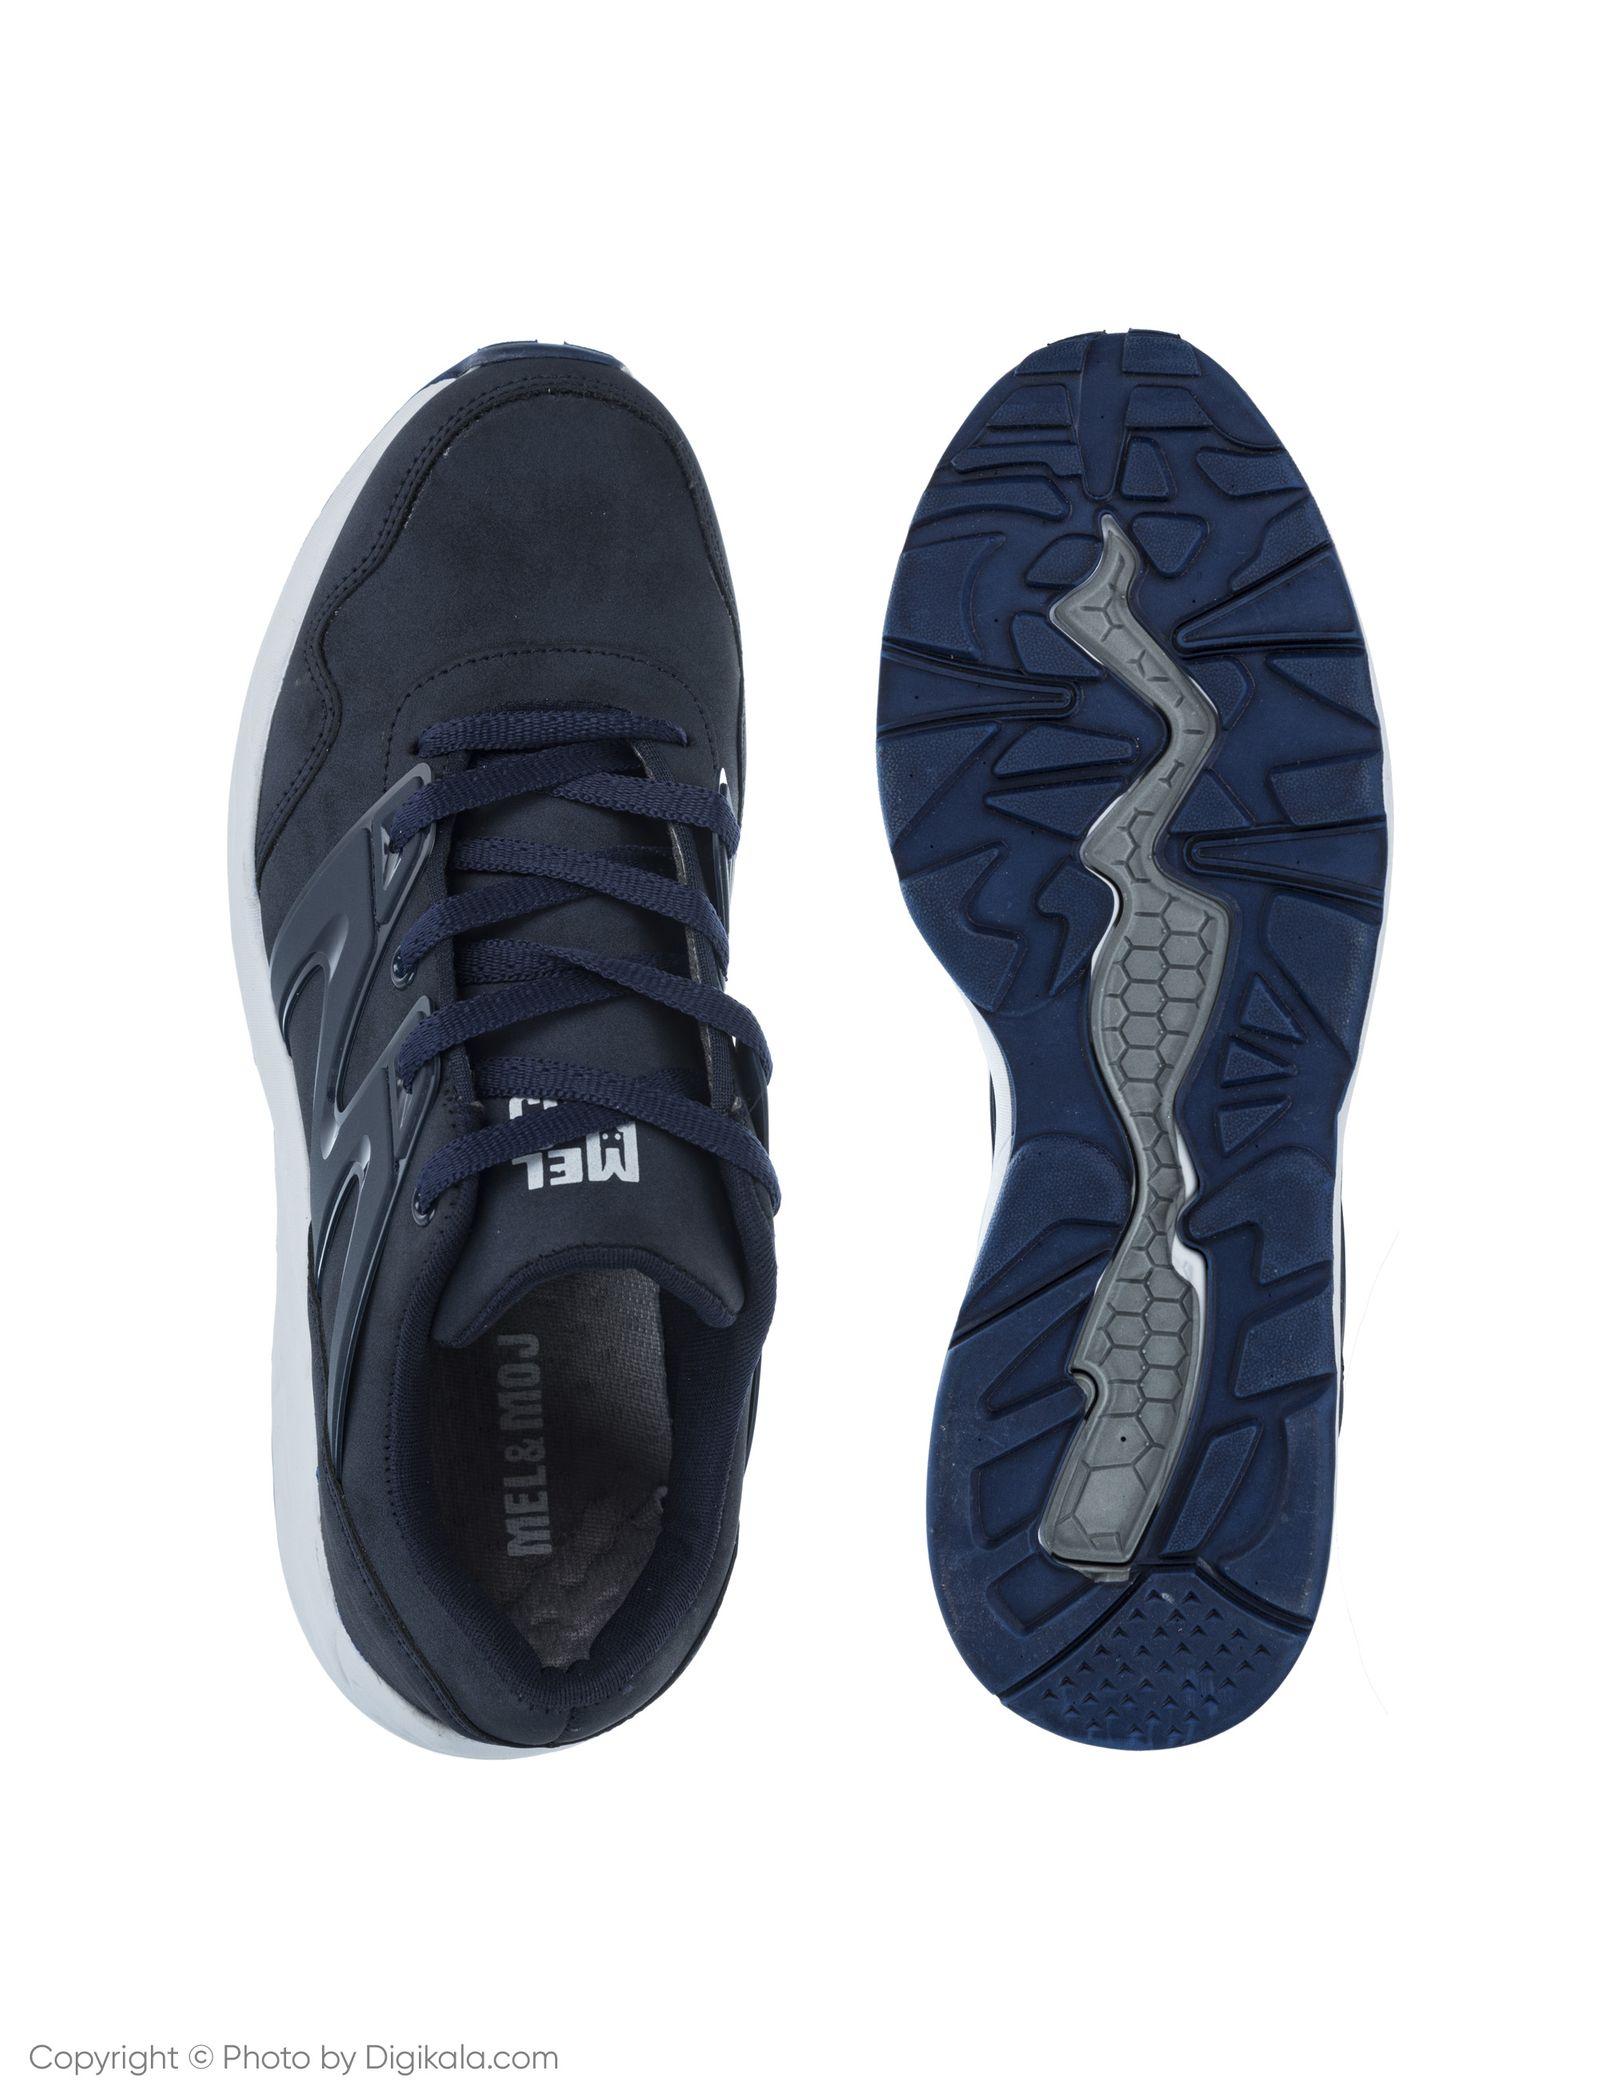 کفش مردانه مل اند موژ مدل M206-400 -  - 5